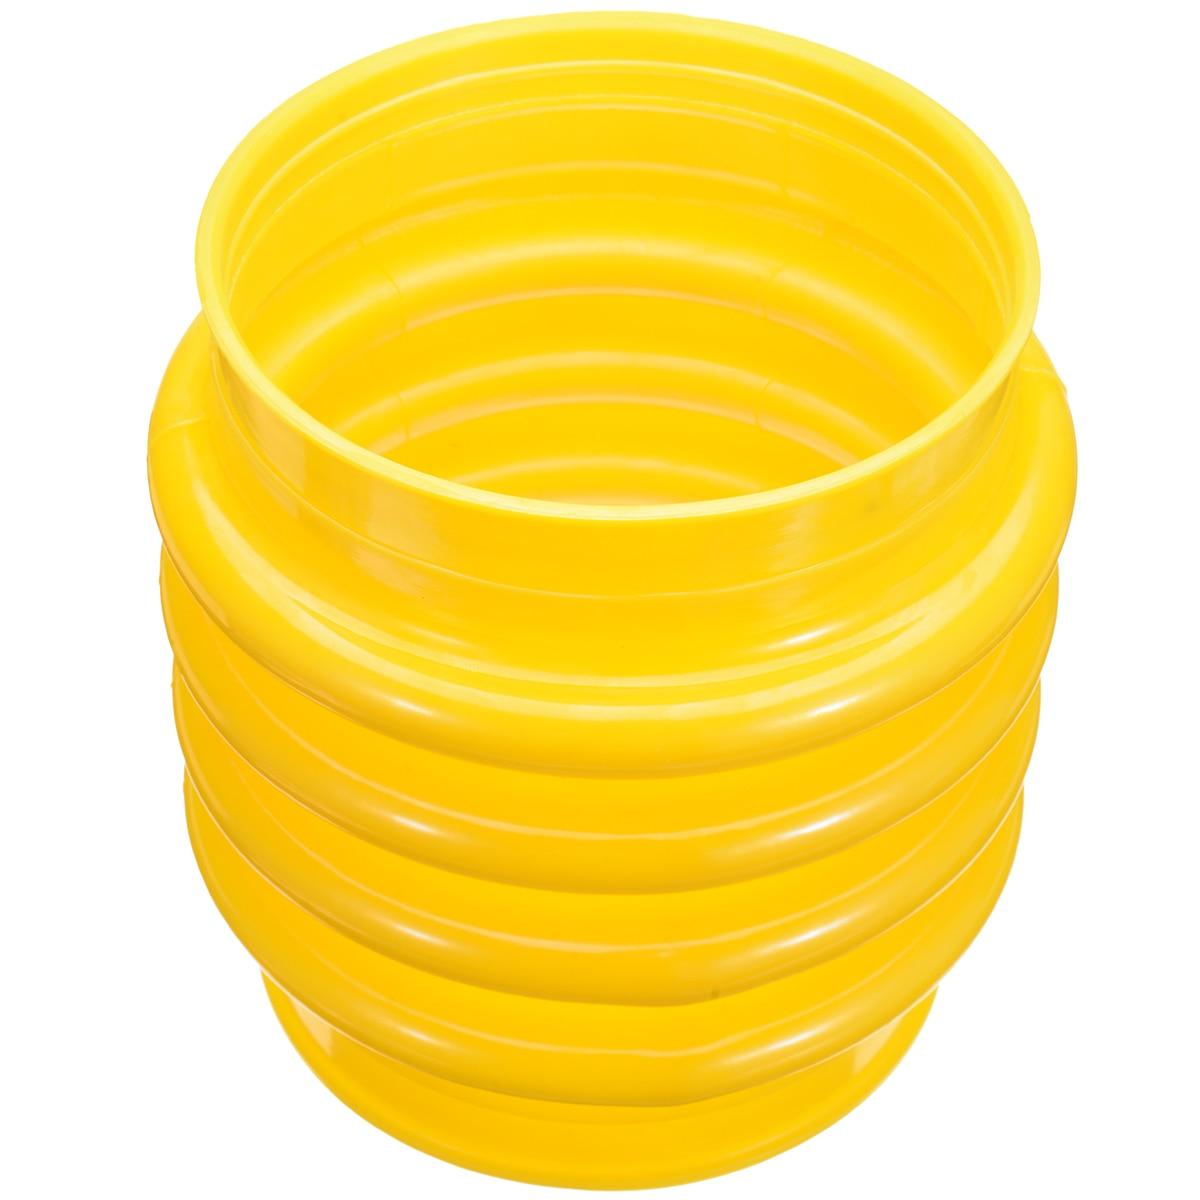 1 ud. Bota de fuelle de gato de salto duradero de 17,5 cm de diámetro. Para Wacker Rammer compactador Tamper Accesorios de herramientas eléctricas